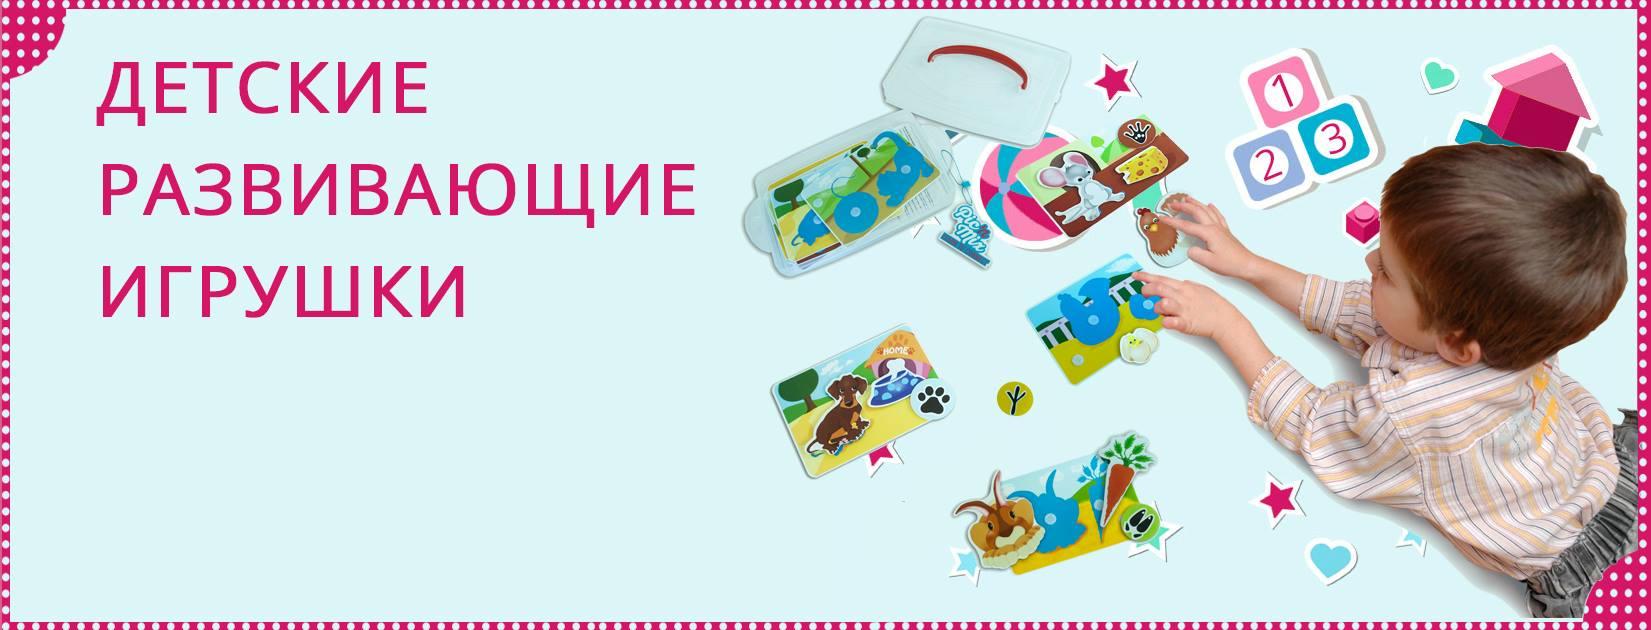 МОЙ НОВЫЙ СБОР! Picn Mix - умные липучки. Развивающие игрушки для детей от 6 мес.от ведущего российского производителя